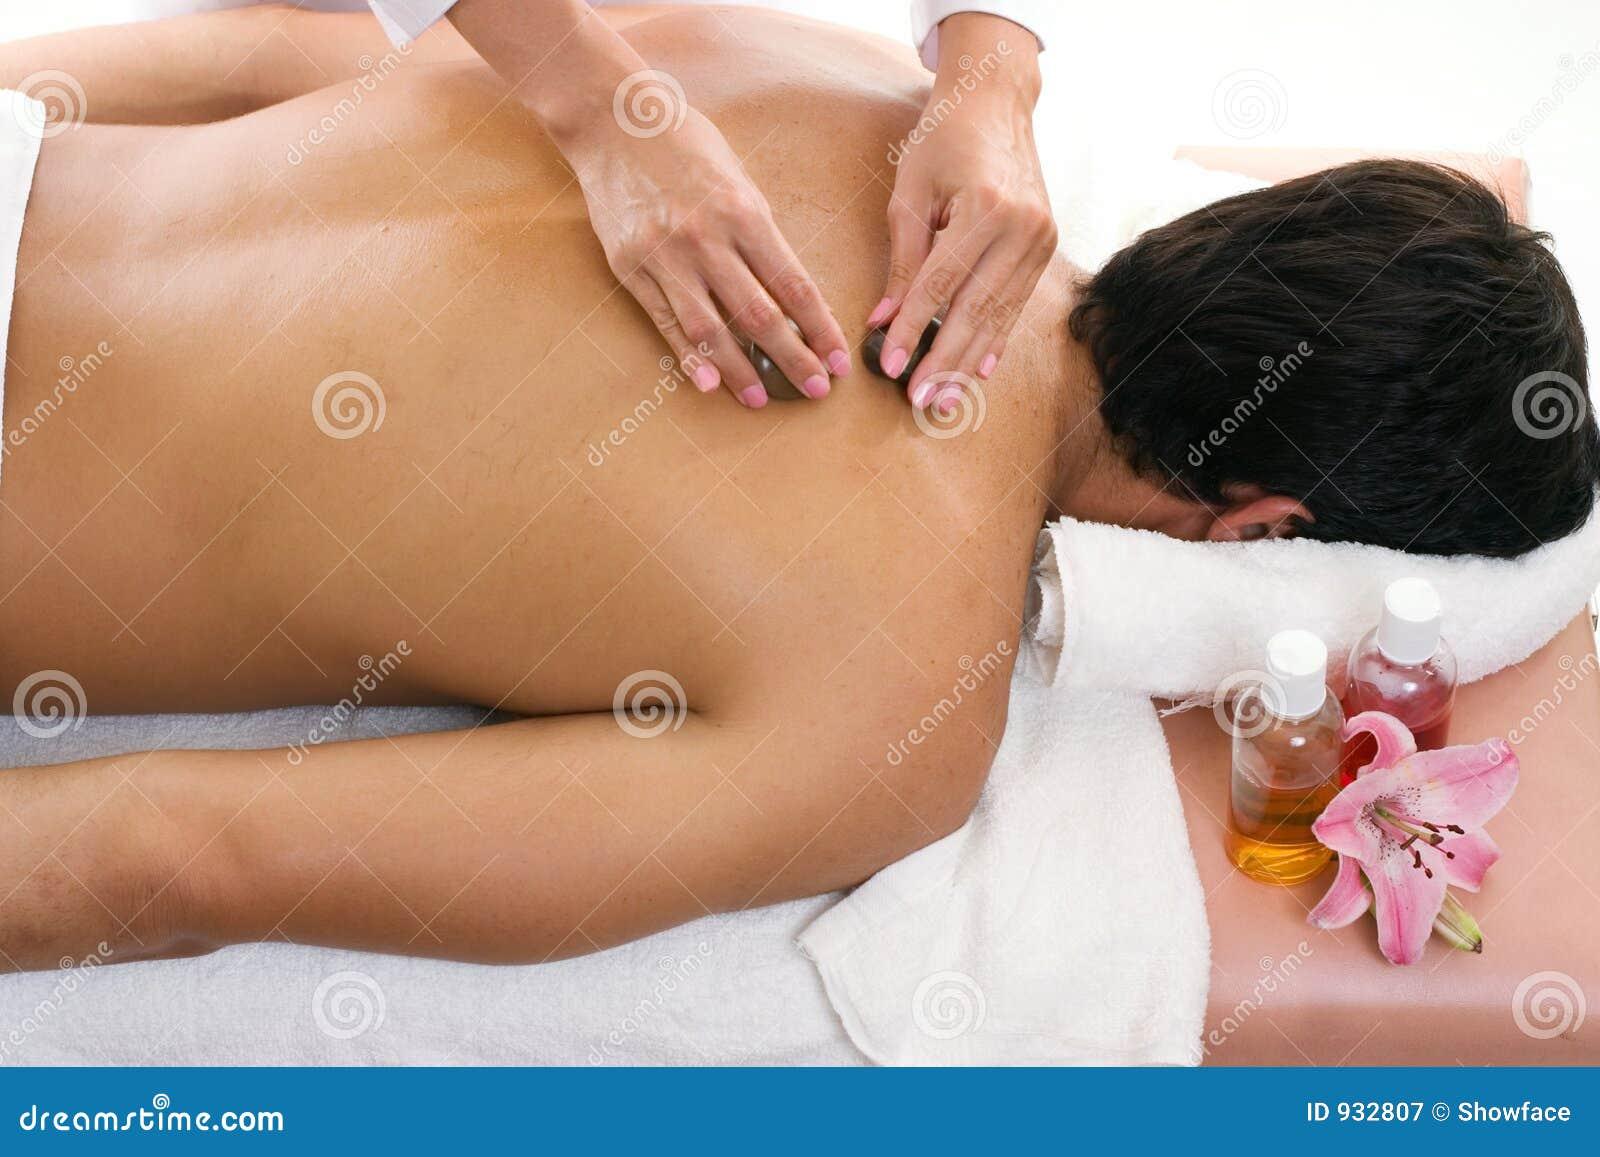 Эротический массаж на визе 14 фотография